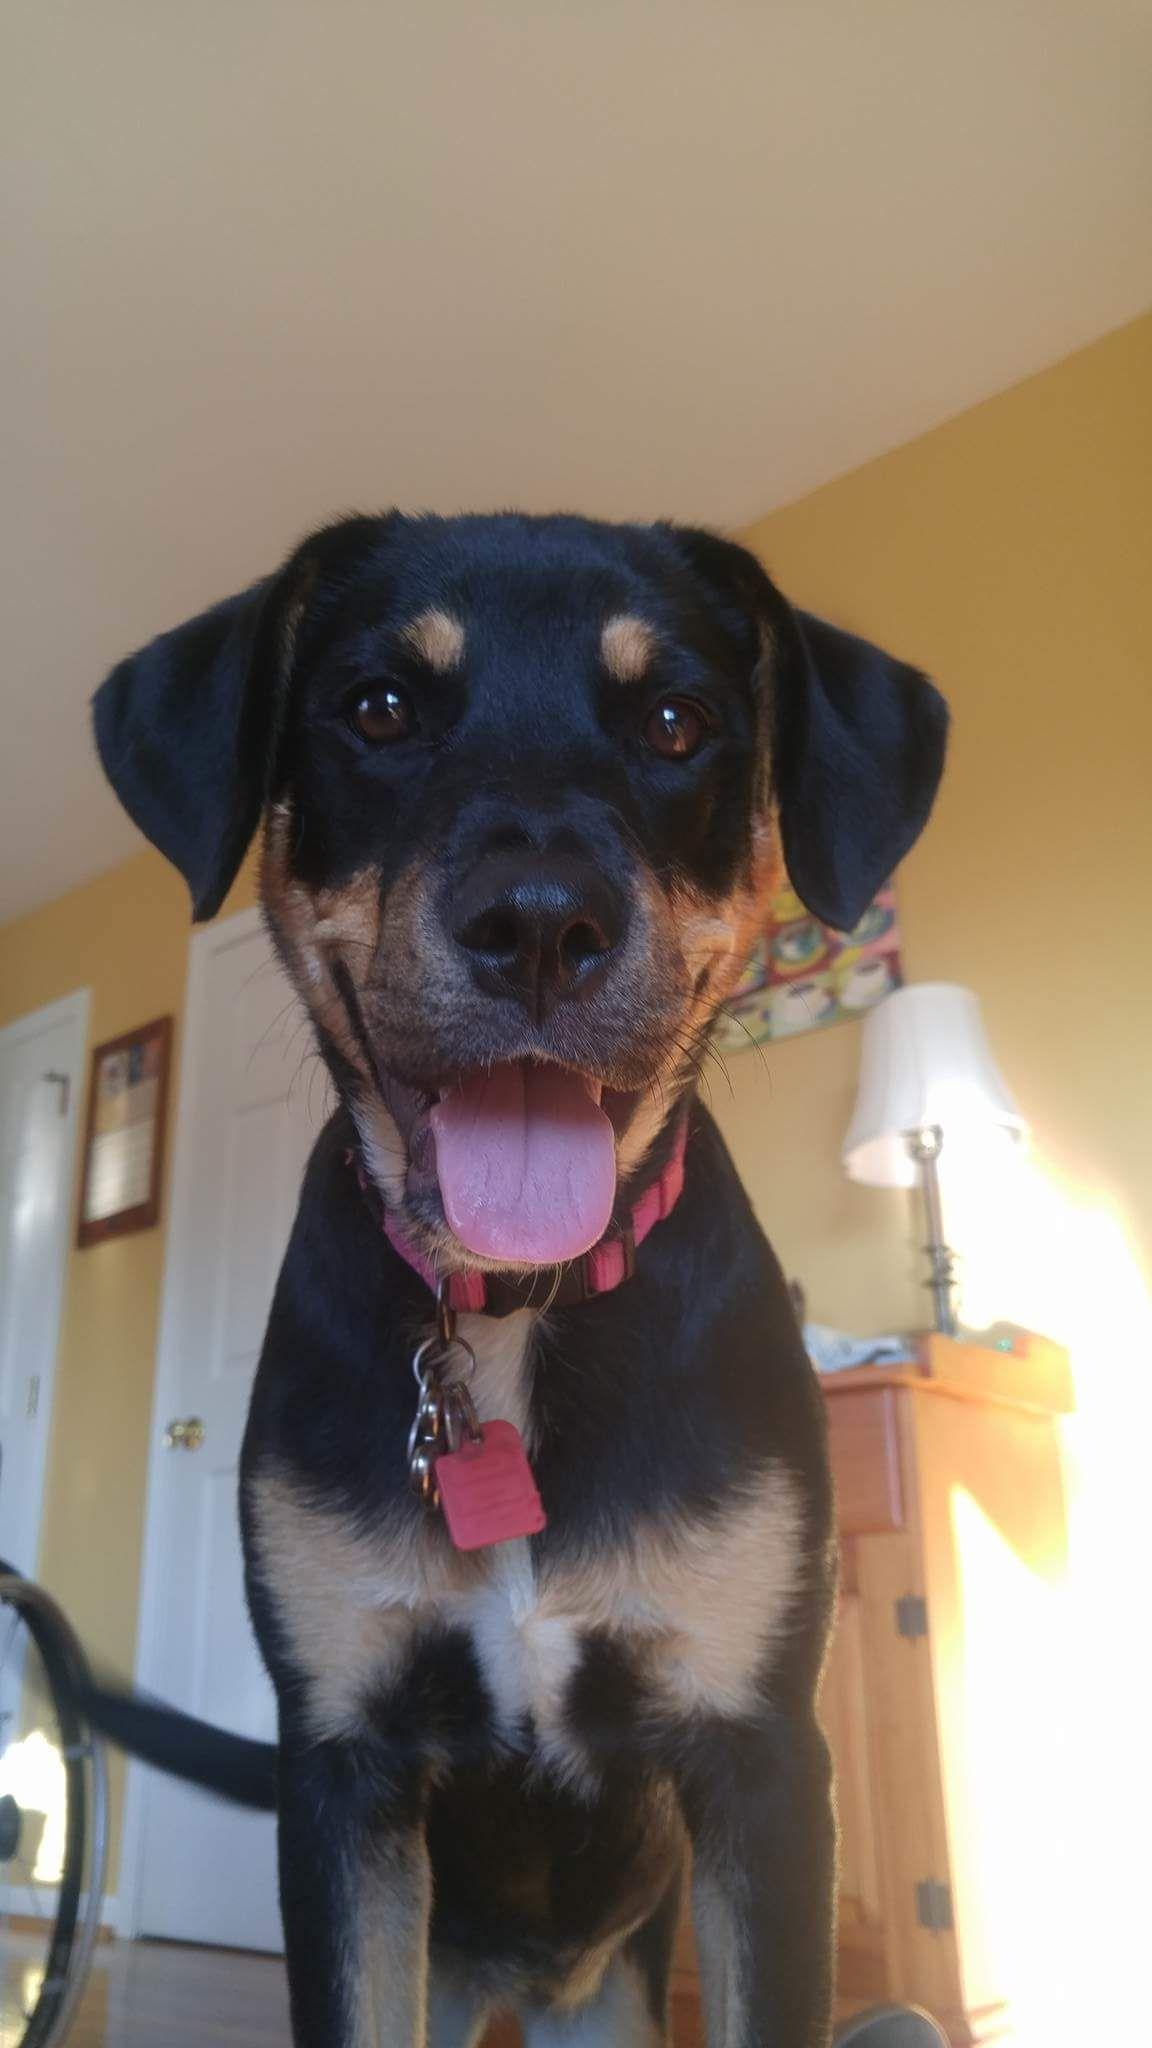 My Parents 6 Month Old Rottweiler German Shepherd Mix Leila Isn T She Cute Http Ift Tt 2e3ukt0 Rottweiler German Shepherd Rottweiler Mix Rottweiler Mix